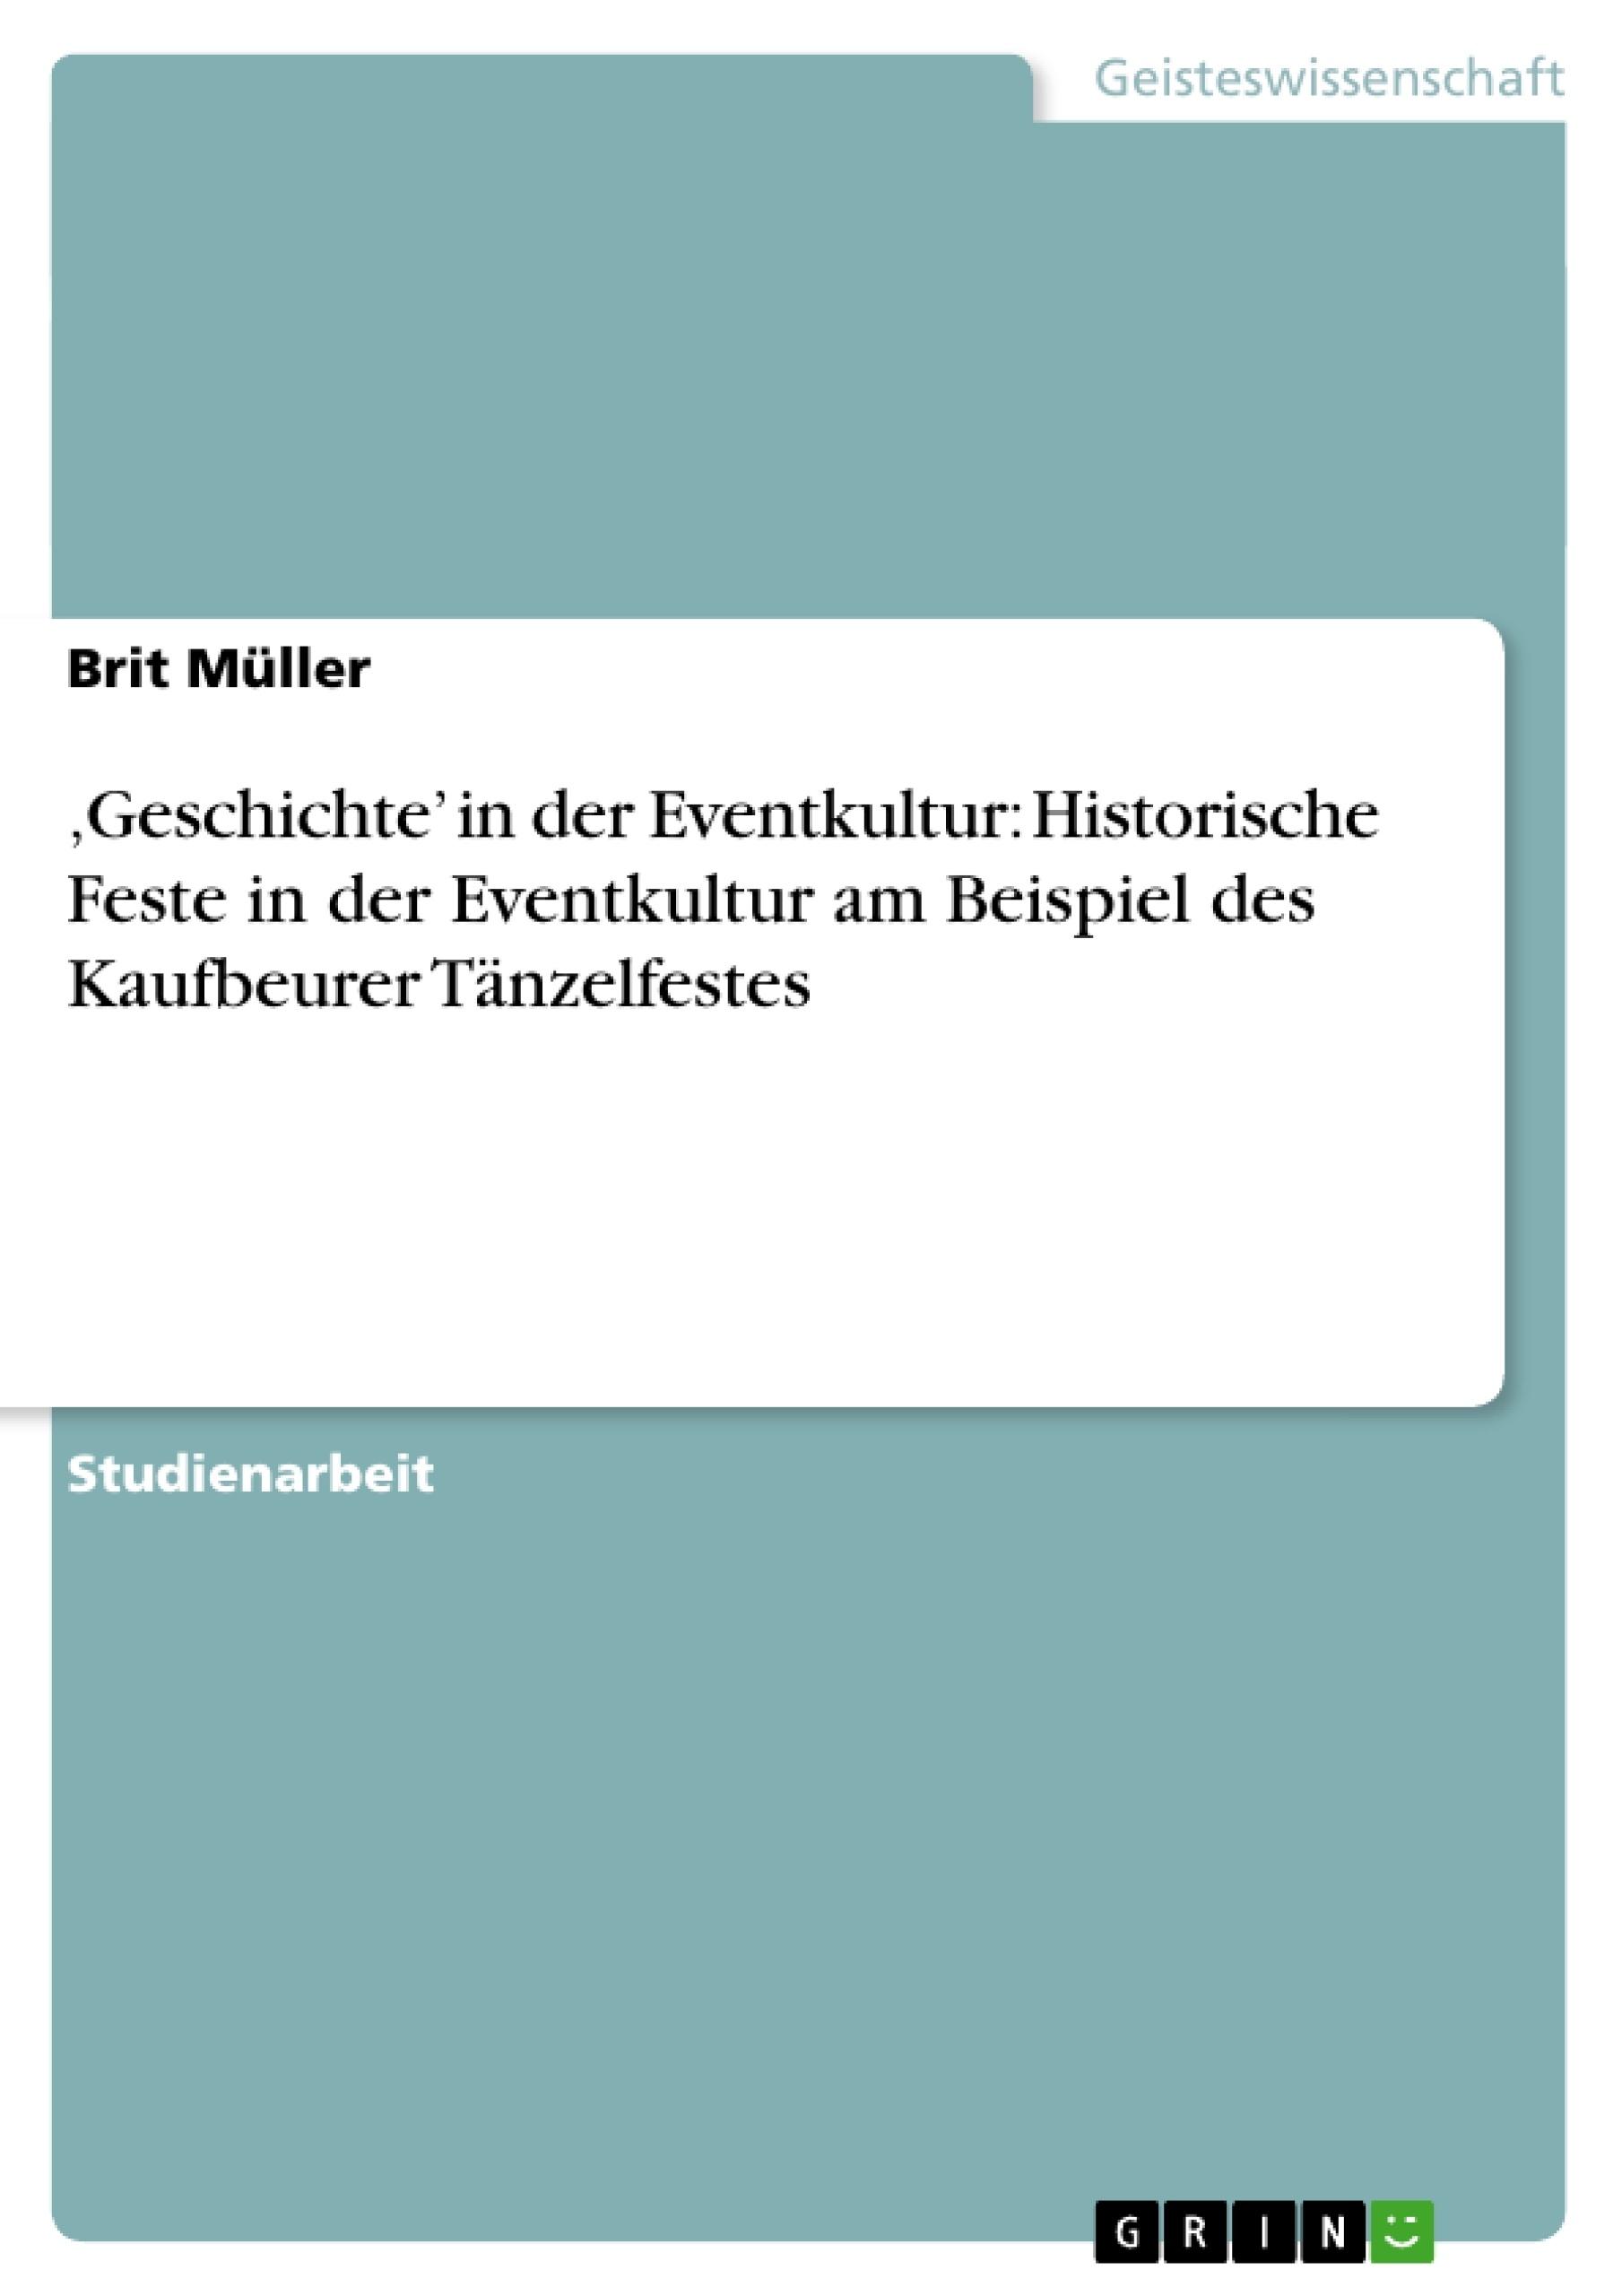 Titel: 'Geschichte' in der Eventkultur: Historische Feste in der Eventkultur am Beispiel des Kaufbeurer Tänzelfestes